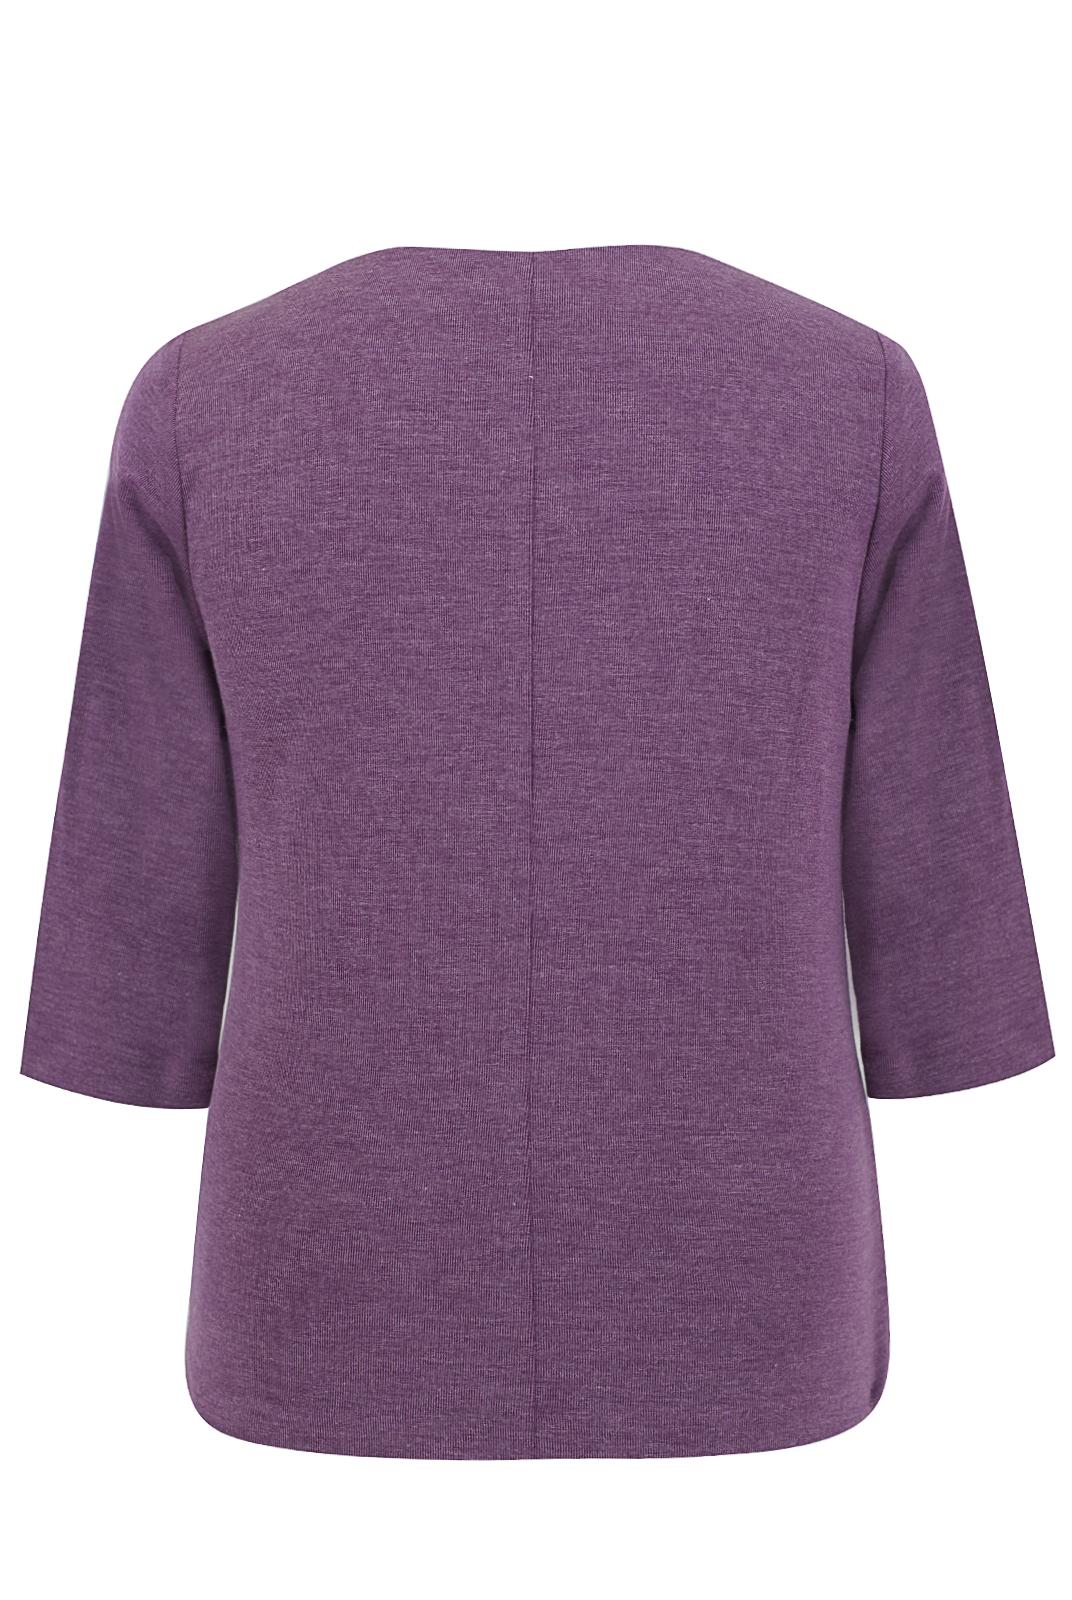 Блузки купить через интернет магазин